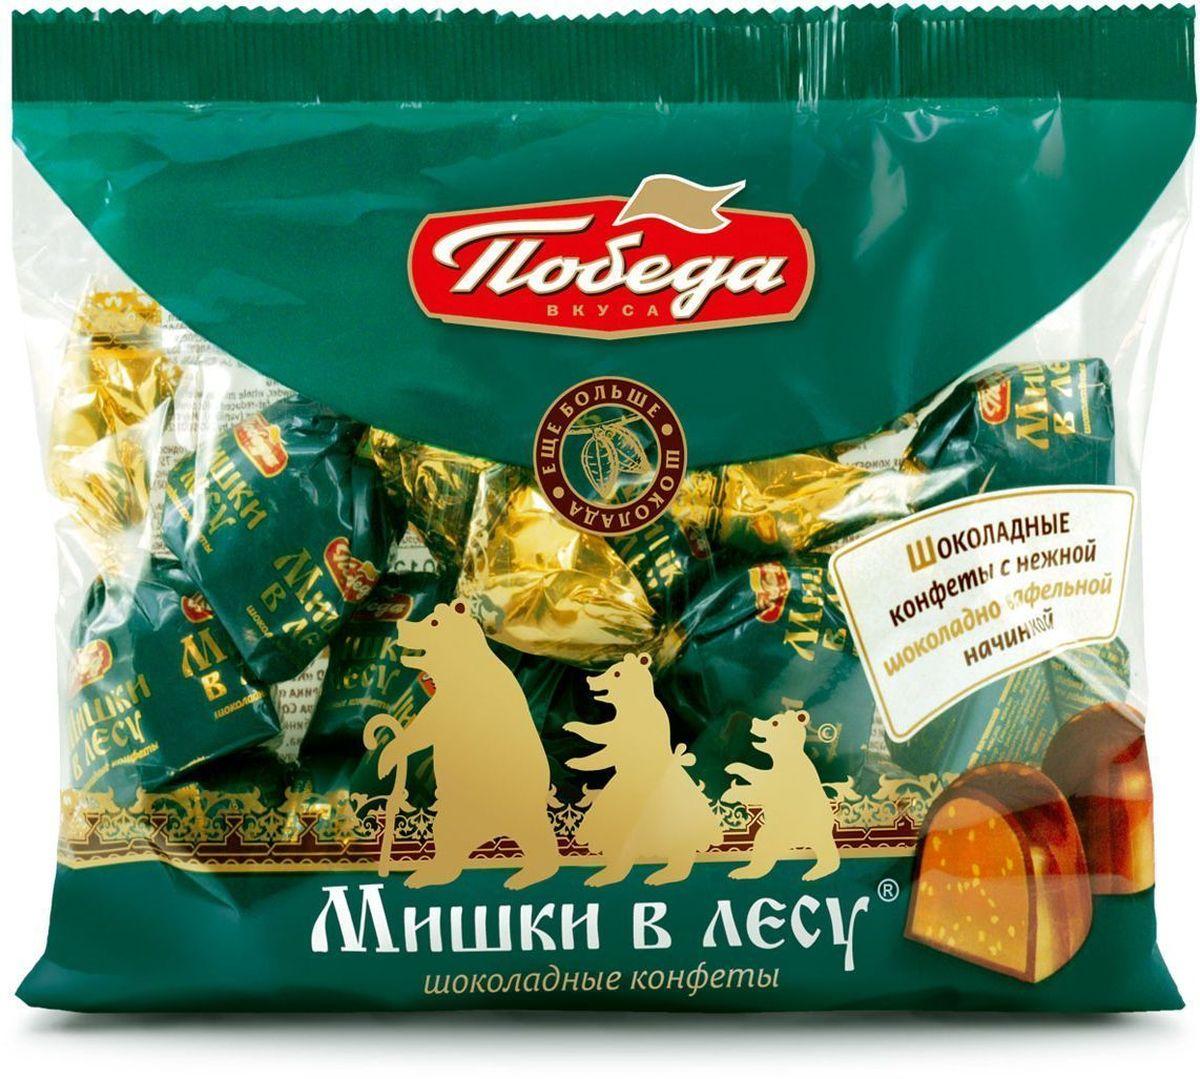 Победа вкуса Мишки в лесу шоколадные конфеты с шоколадно-вафельной начинкой, 250 г победа вкуса все и сразу цитрус жевательный мармелад и конфеты желейные с начинкой 250 г